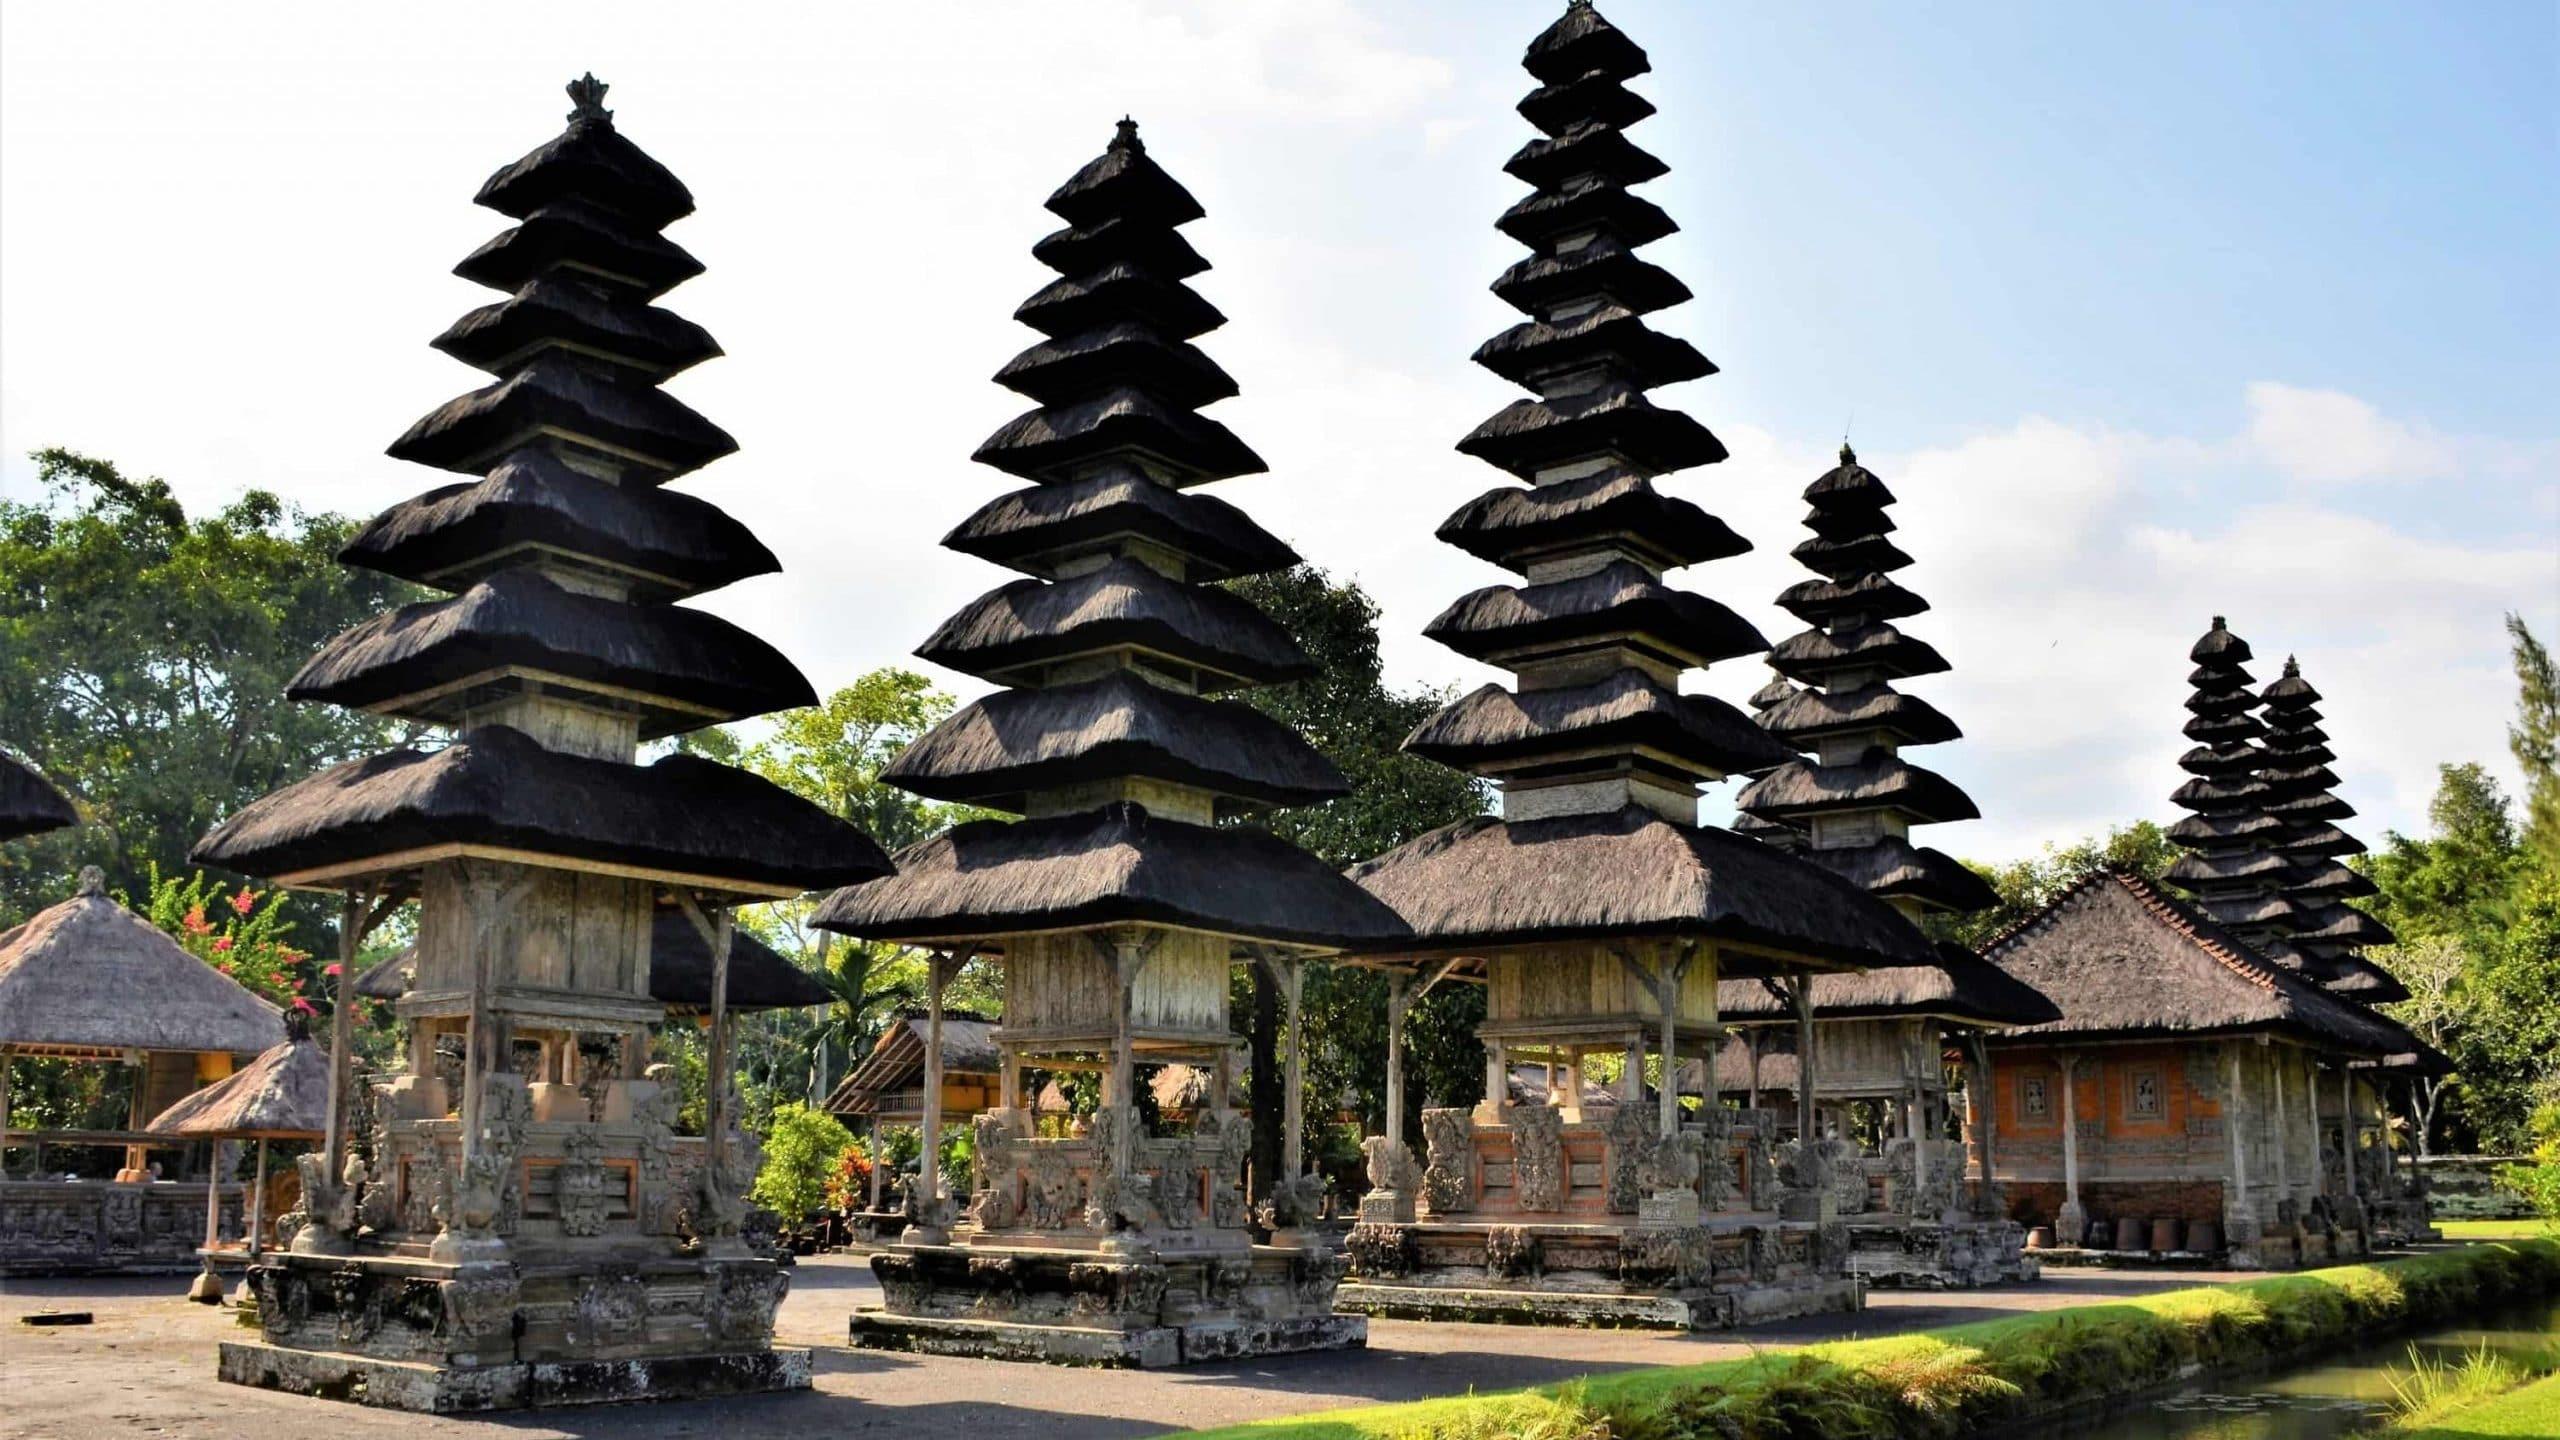 Tempelanlage Taman Ayung Bali